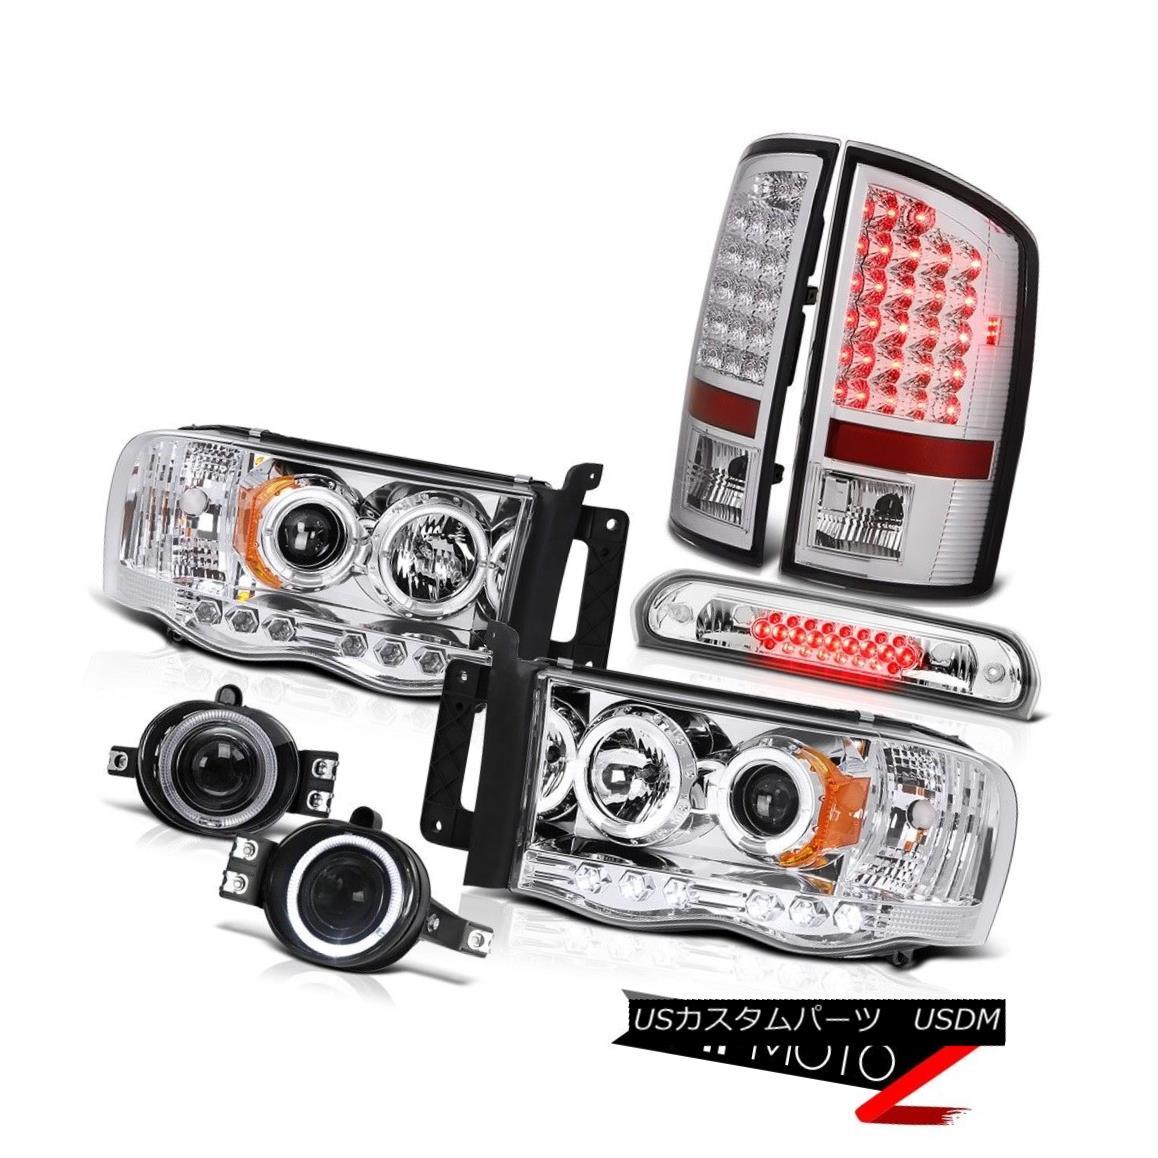 テールライト 02 03 04 05 Ram V8 Chrome Halo Headlights Brake Taillights Fog High Stop LED 3rd 02 03 04 05ラムV8クロームハローヘッドライトブレーキテールライトフォグハイストップLED 3rd